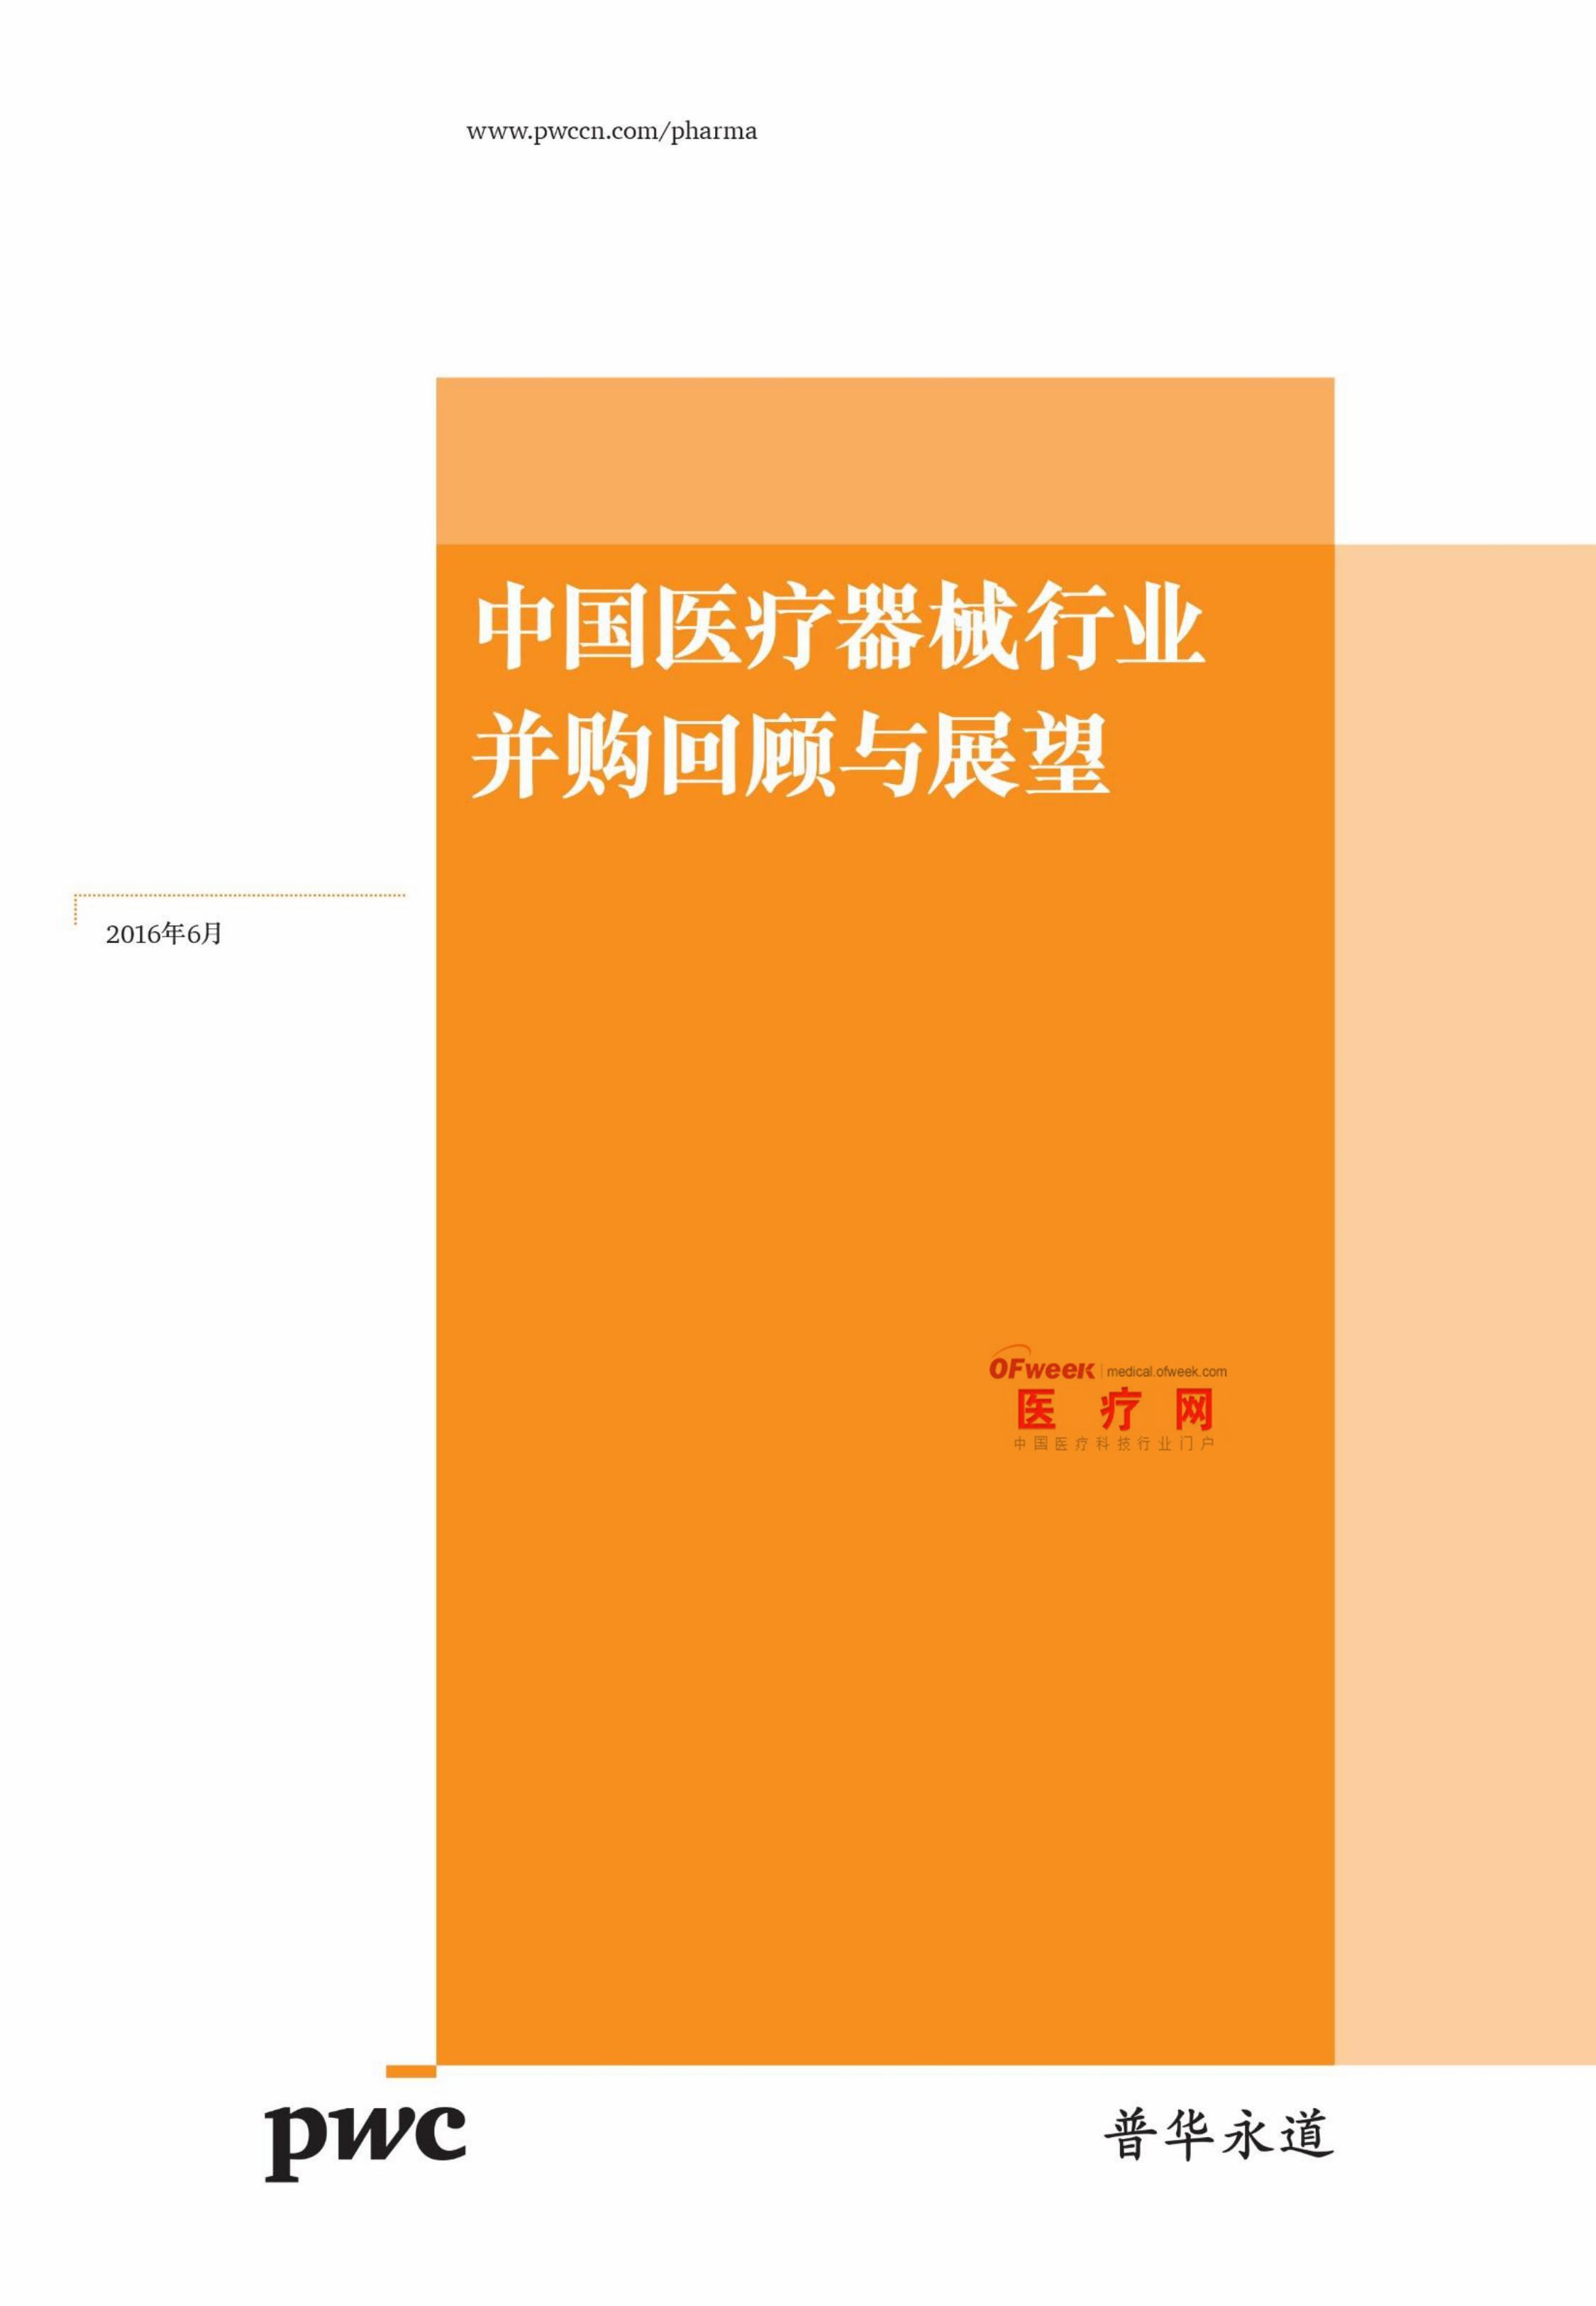 【干货】中国医疗器械行业并购回顾与展望分析报告